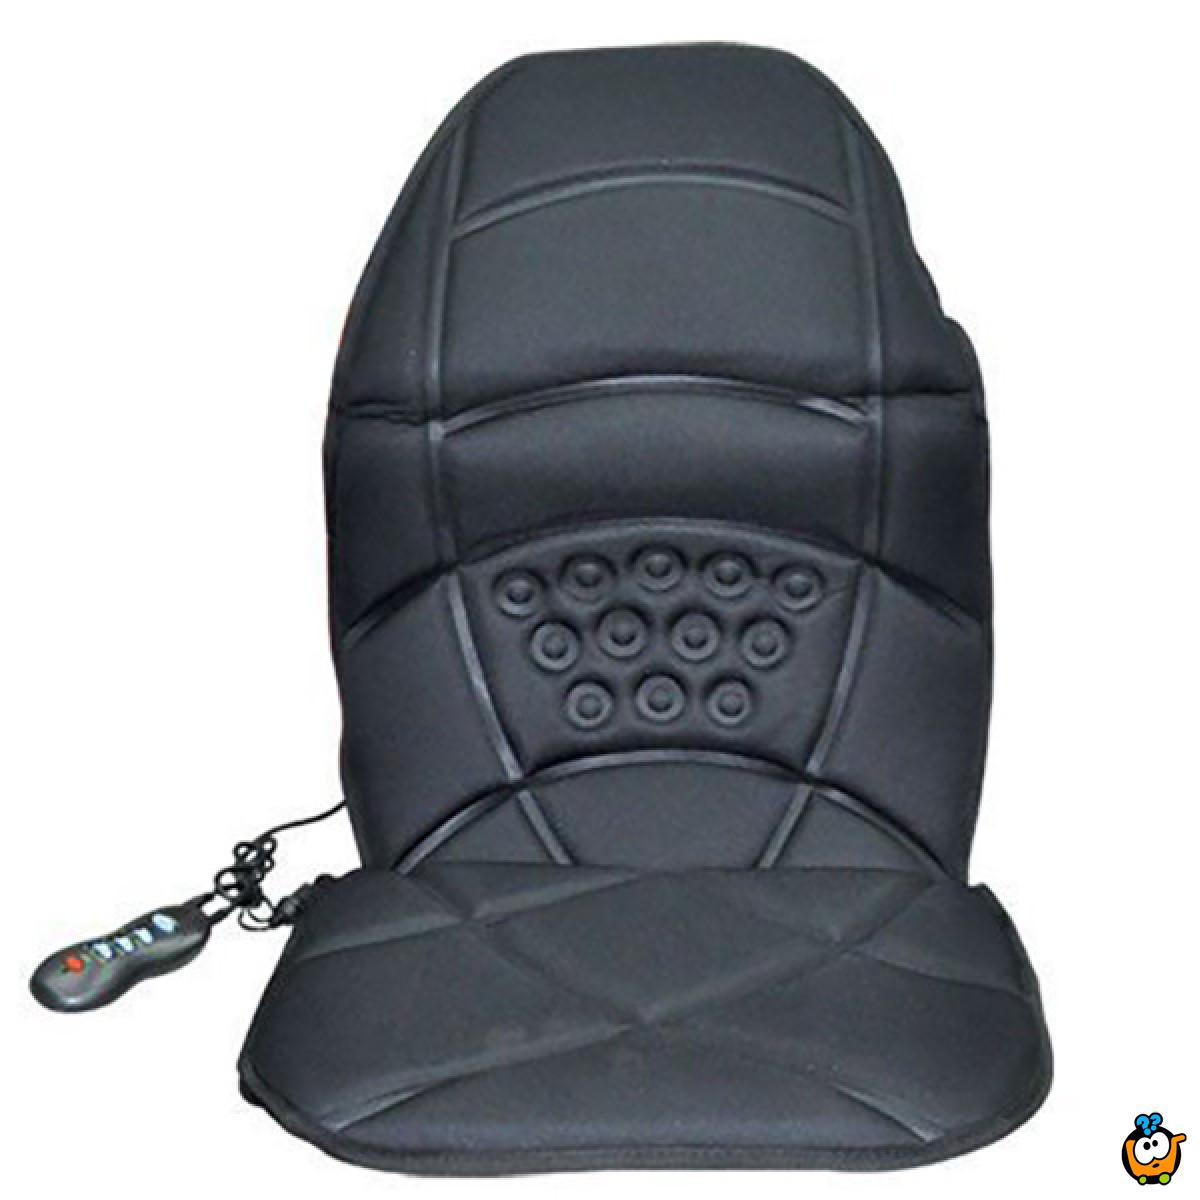 Ultra moćni masažer za sedište